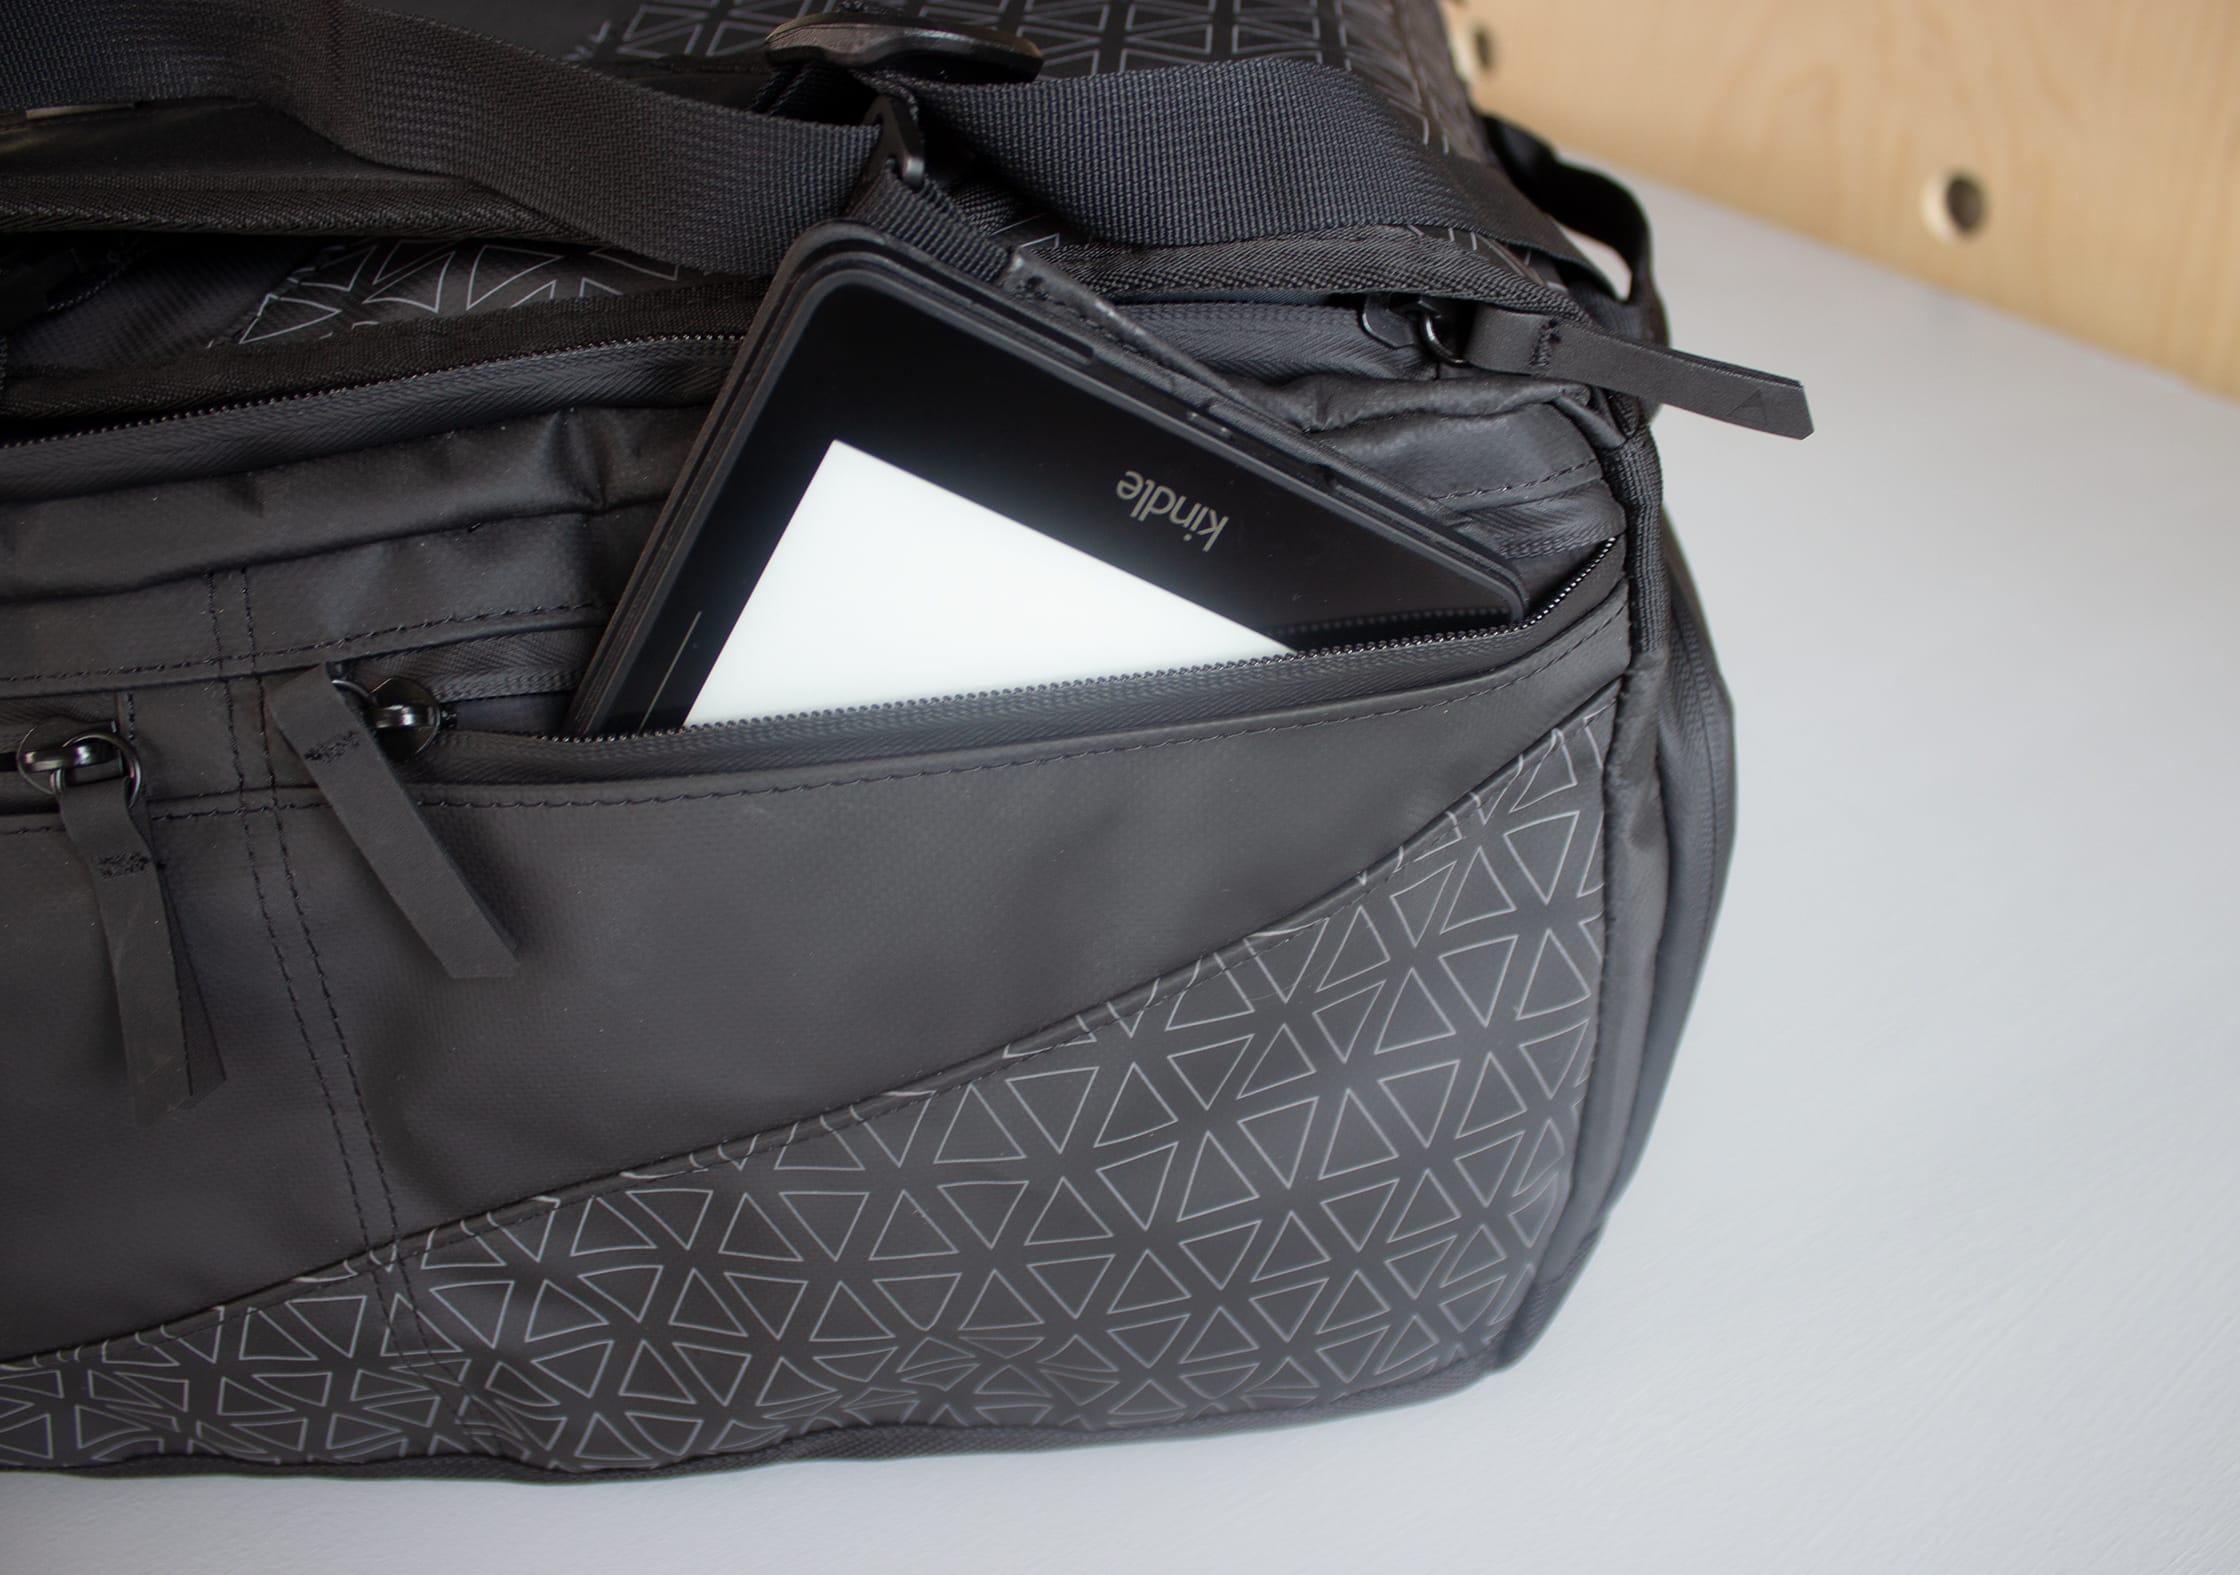 NOMATIC Travel Bag 1/3 Length Side Pocket